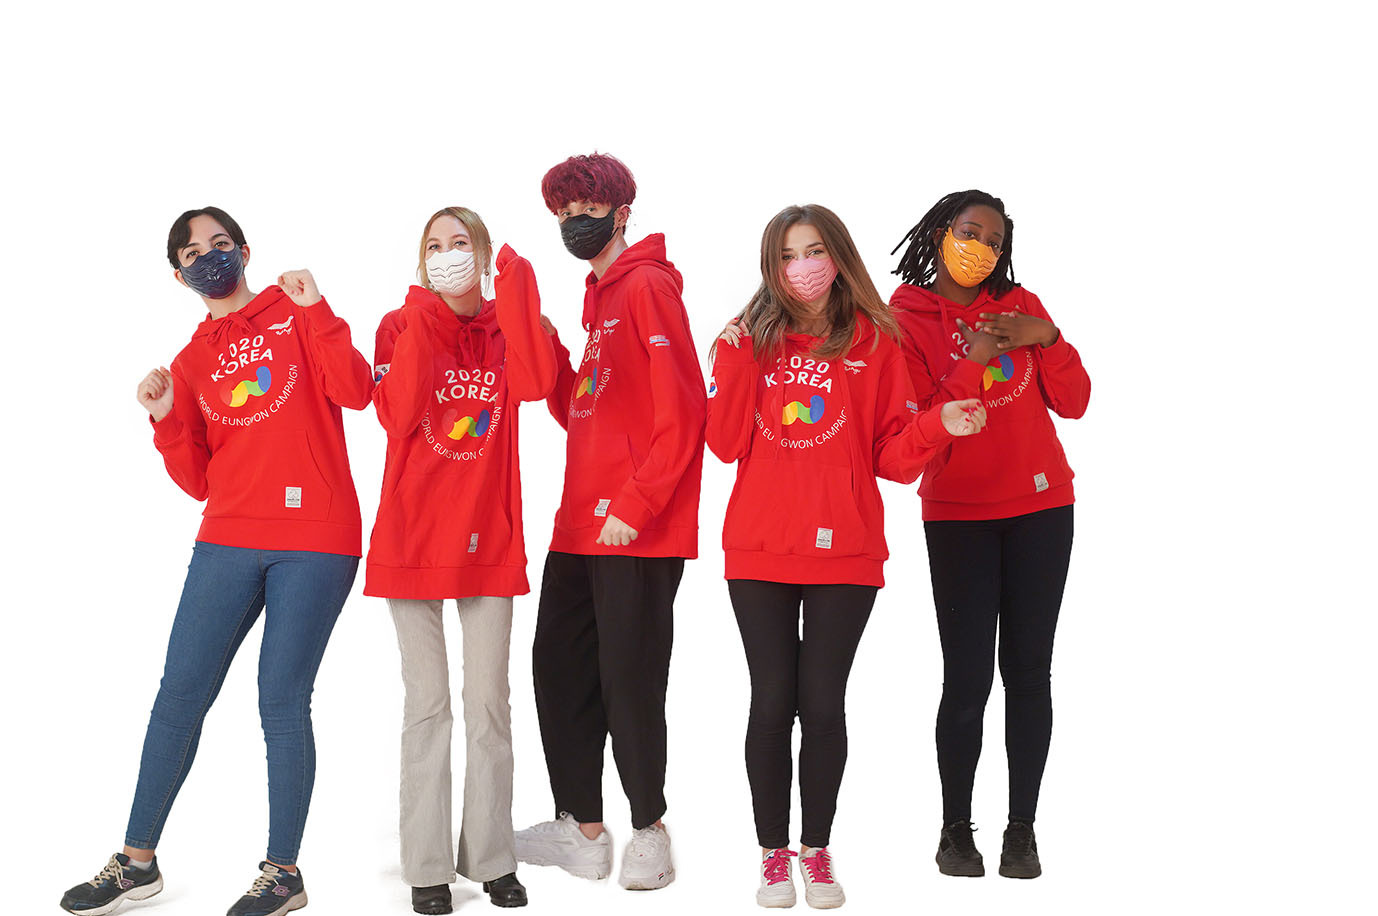 韩国公益团体将在2月举办偶像演唱会,网友:新冠疫情没结束呢?这是疯了吧!插图2